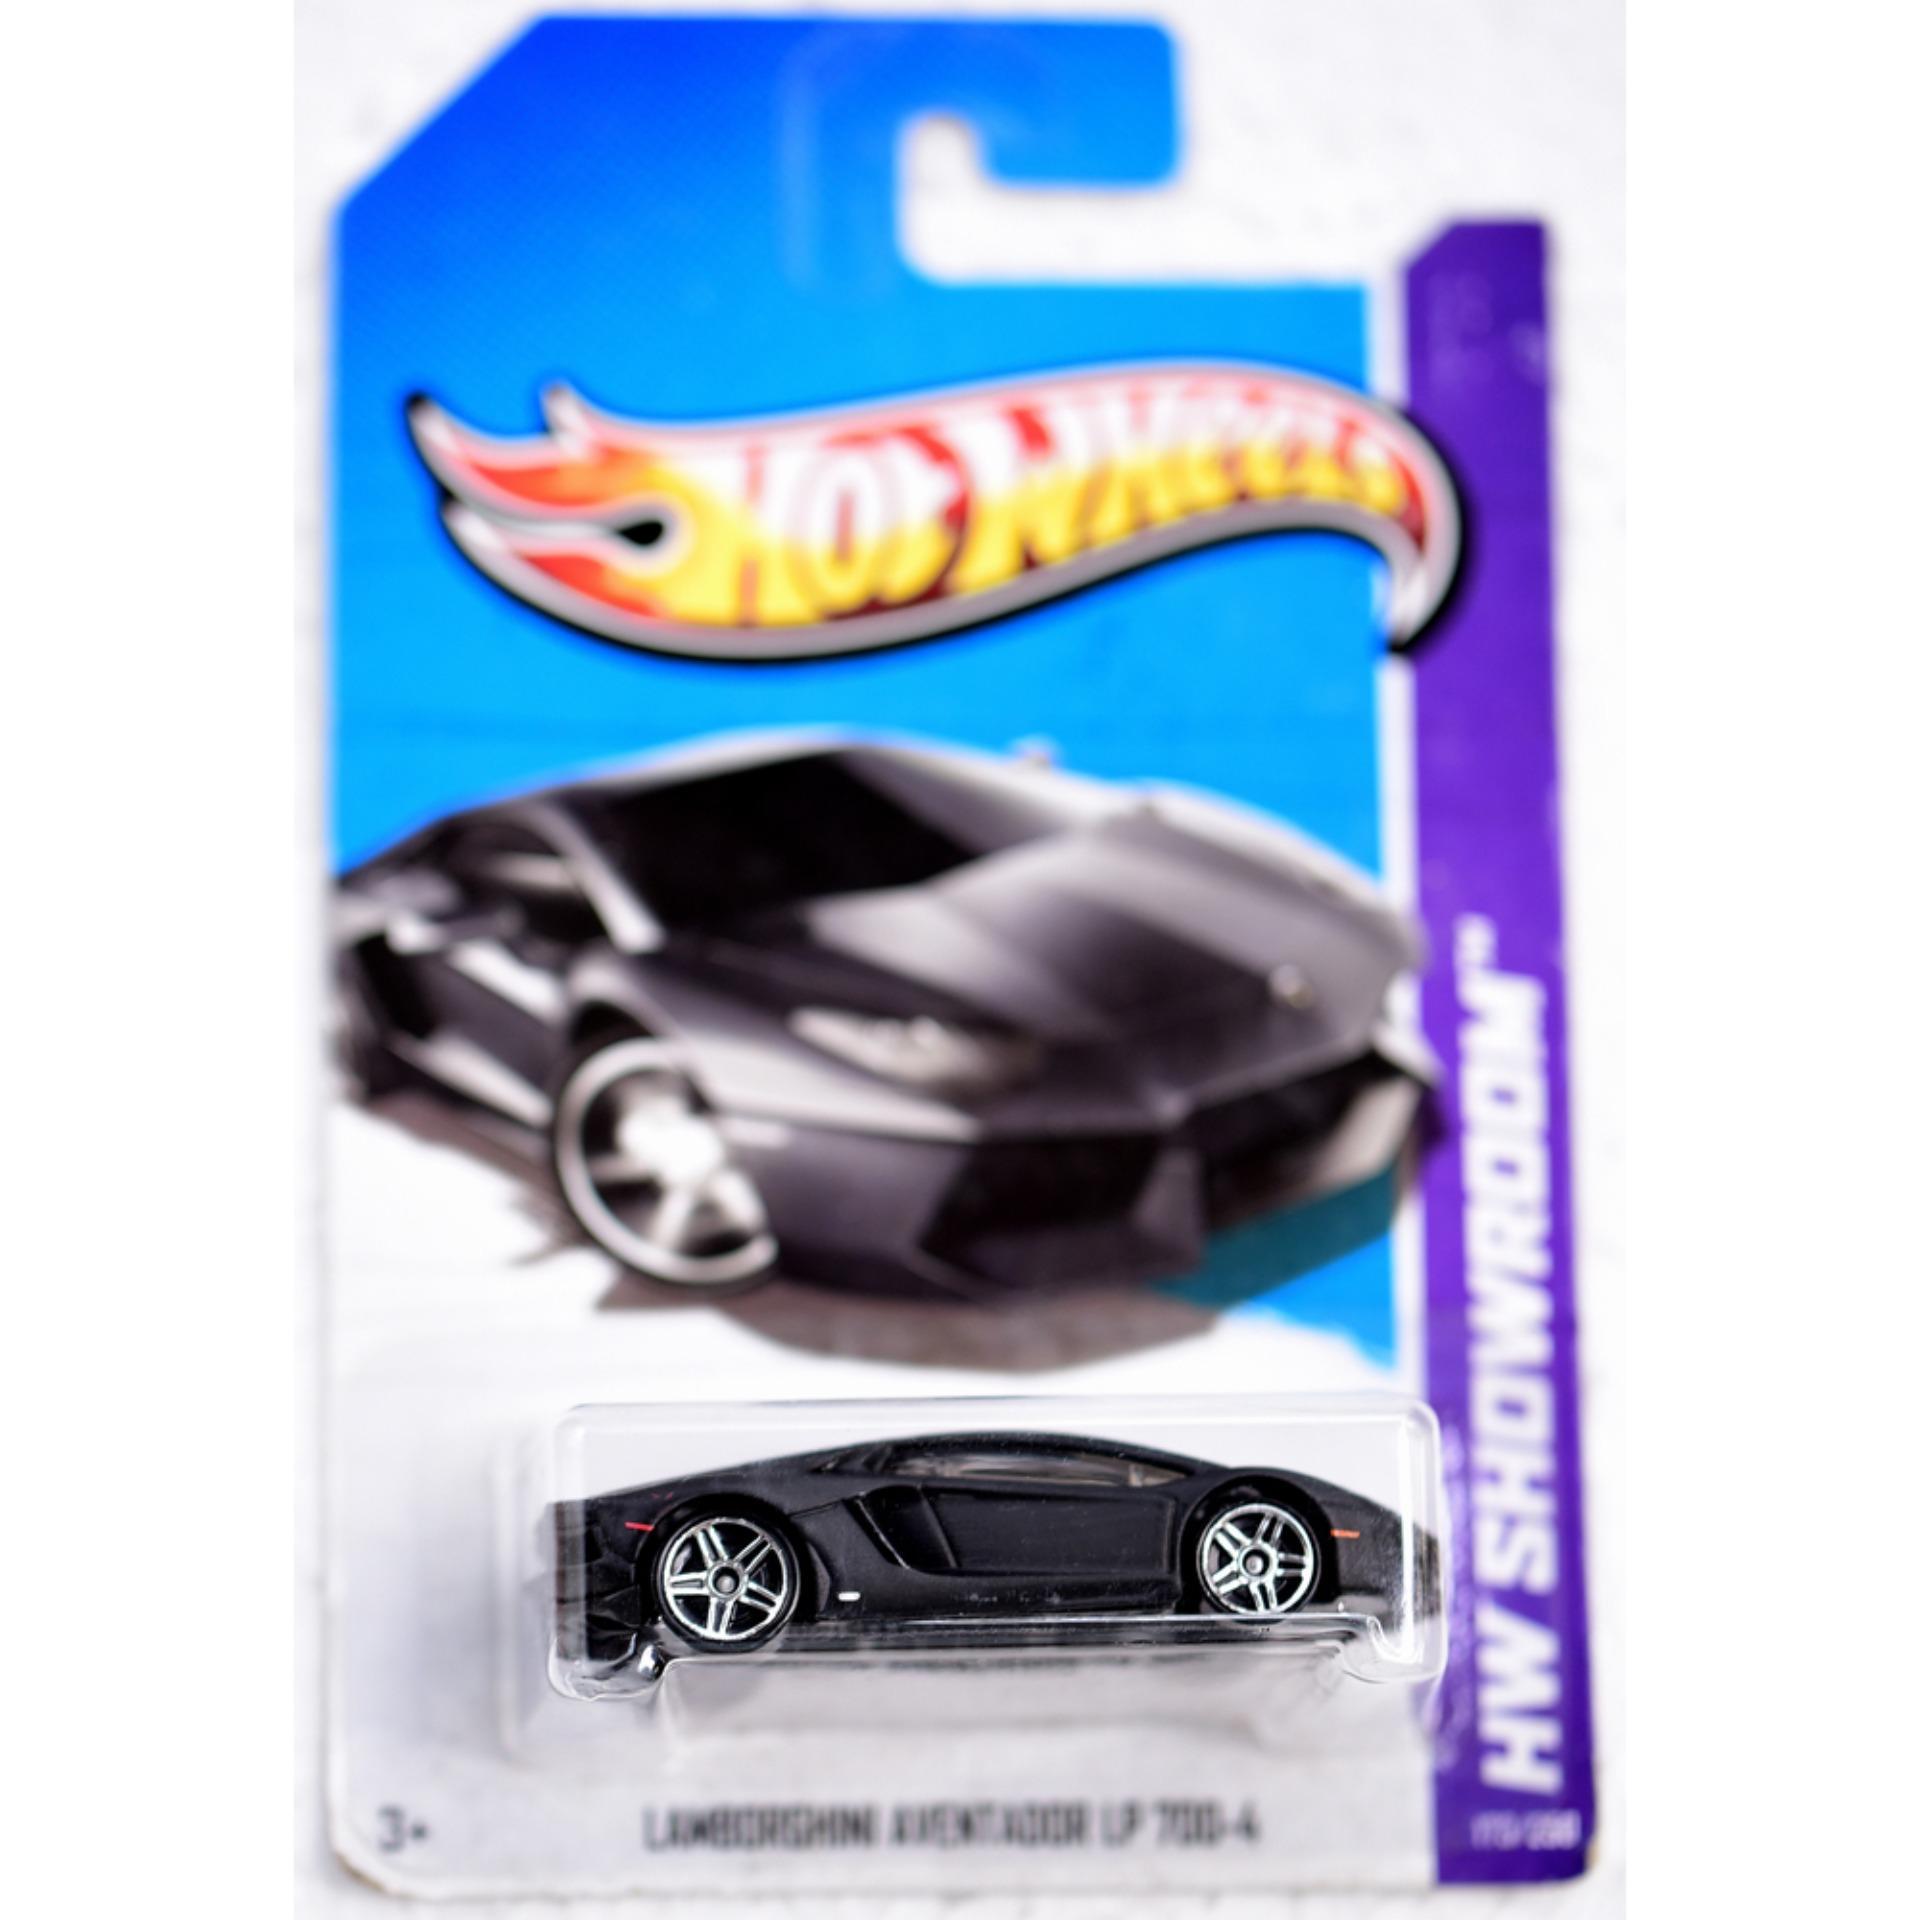 ô tô mô hình tỉ lệ 1:64 Hot Wheels Lambo Aventador LP 700-4 ( Màu Đen )